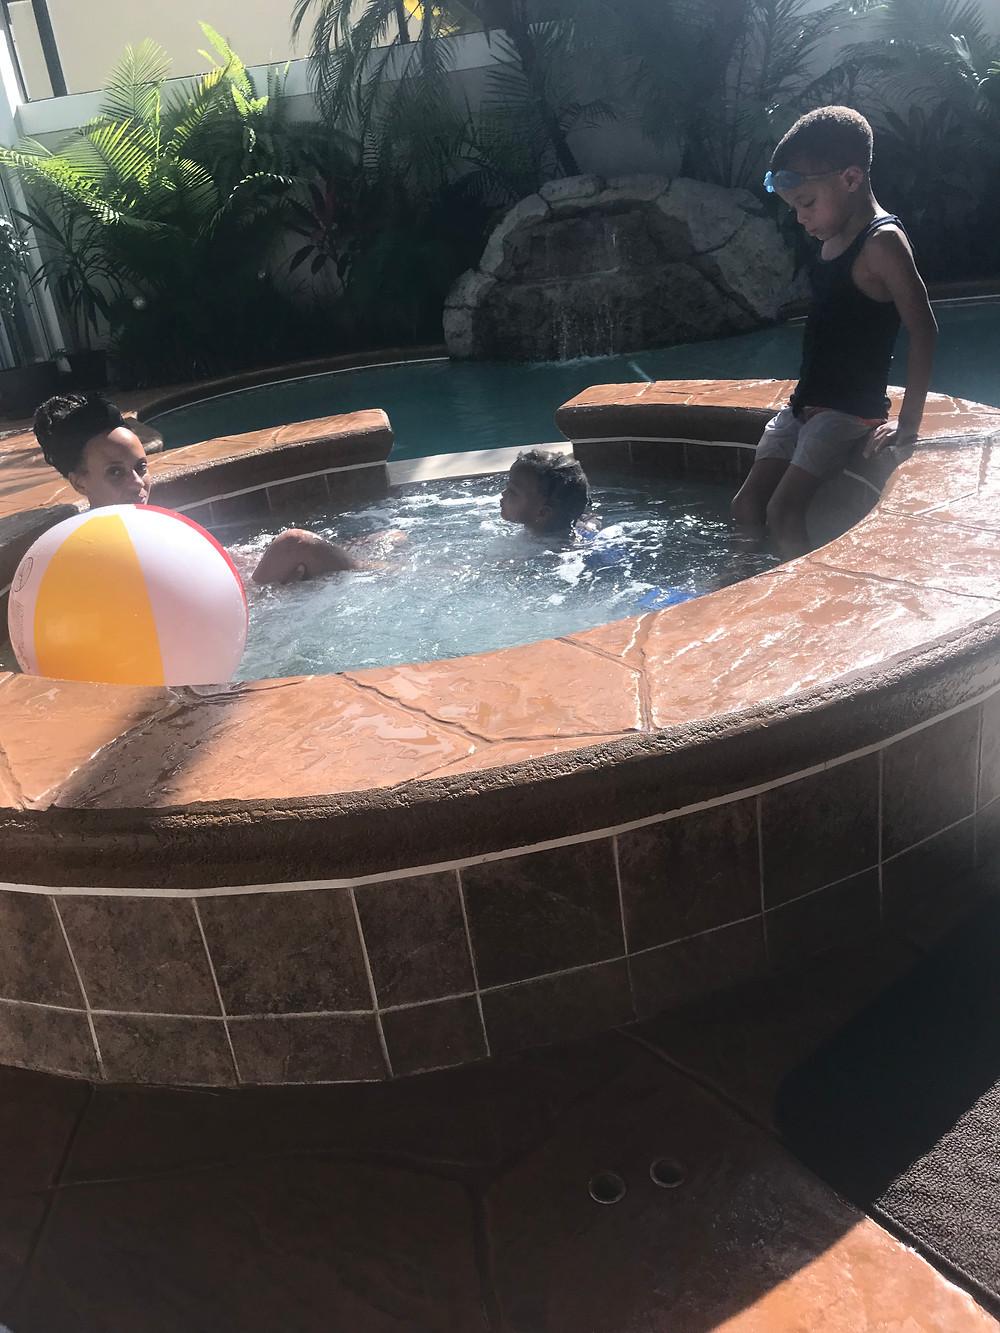 Hot Tub For Children